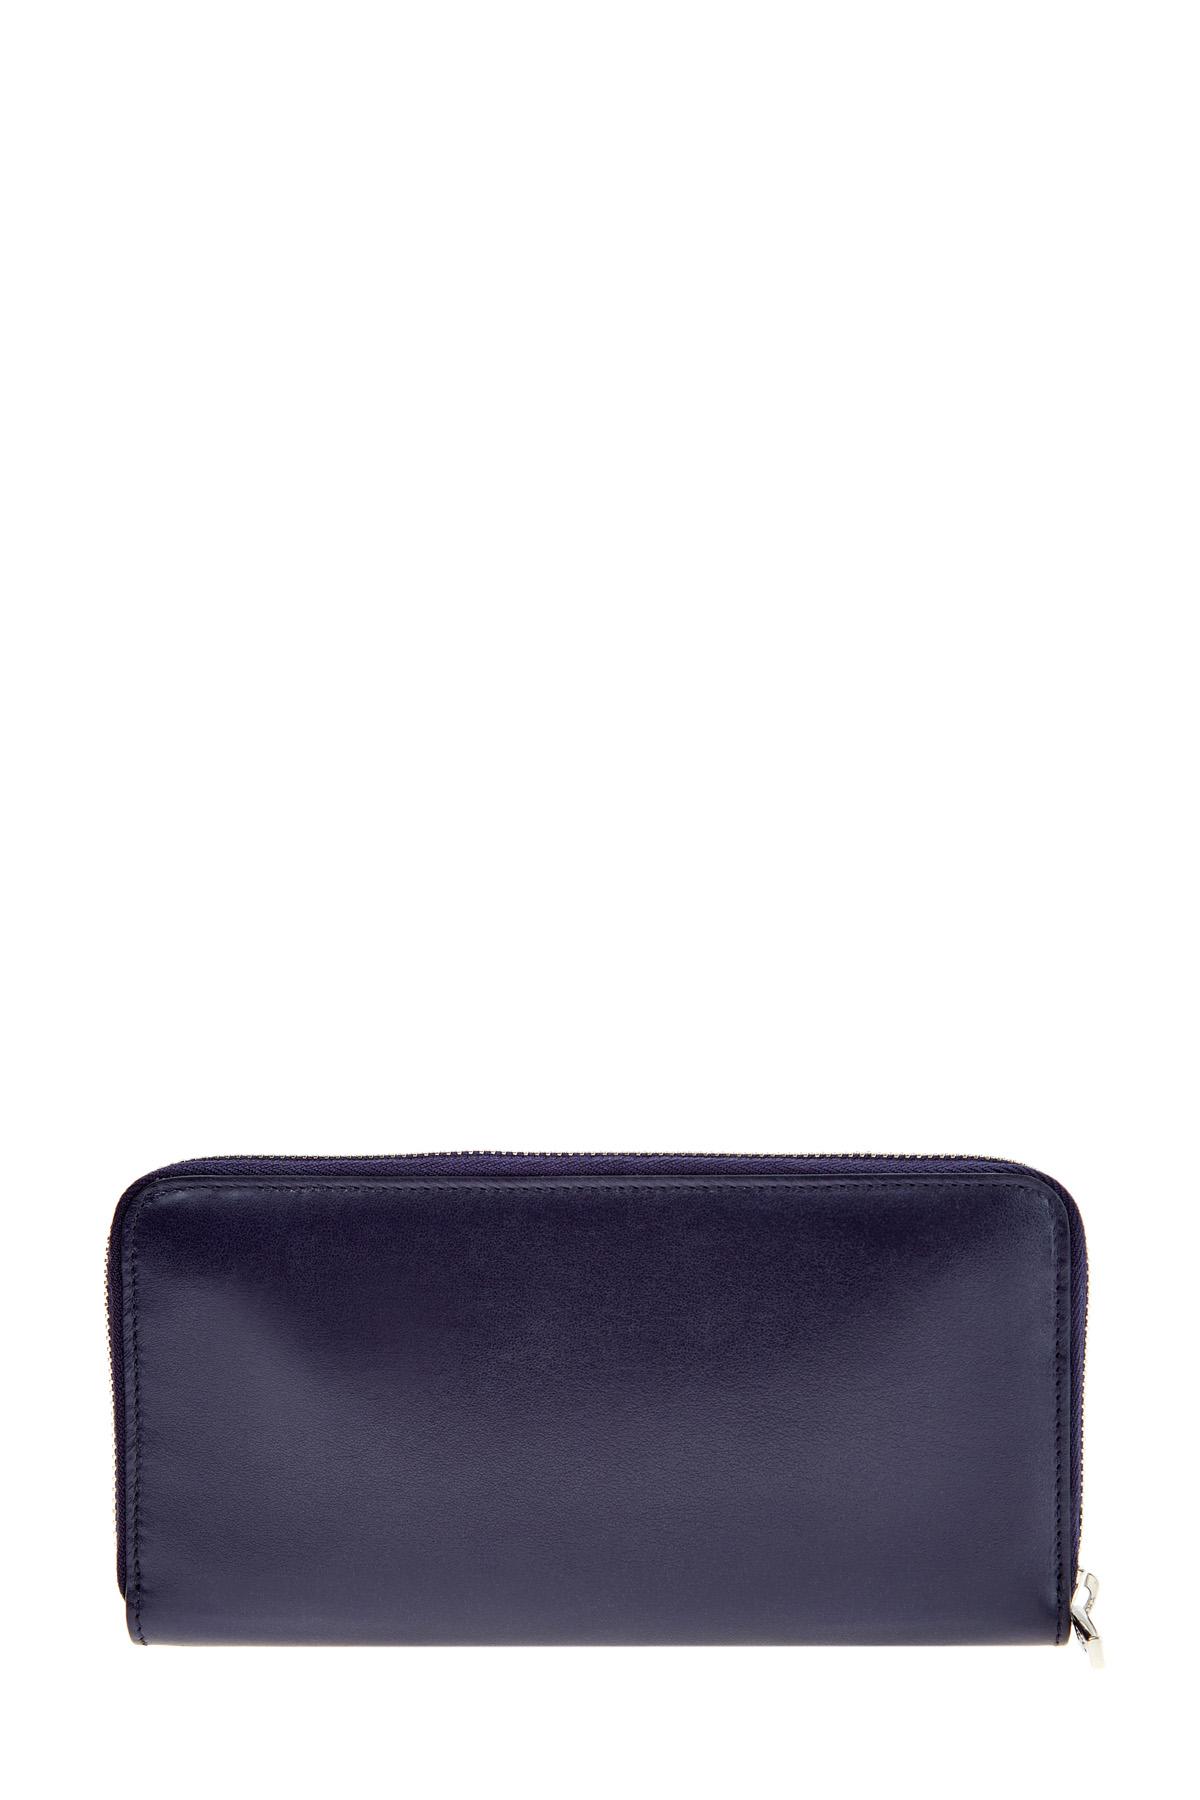 Купить Портмоне из полированной кожи с подкладкой в фирменном стиле, ETRO, Италия, кожа 100%